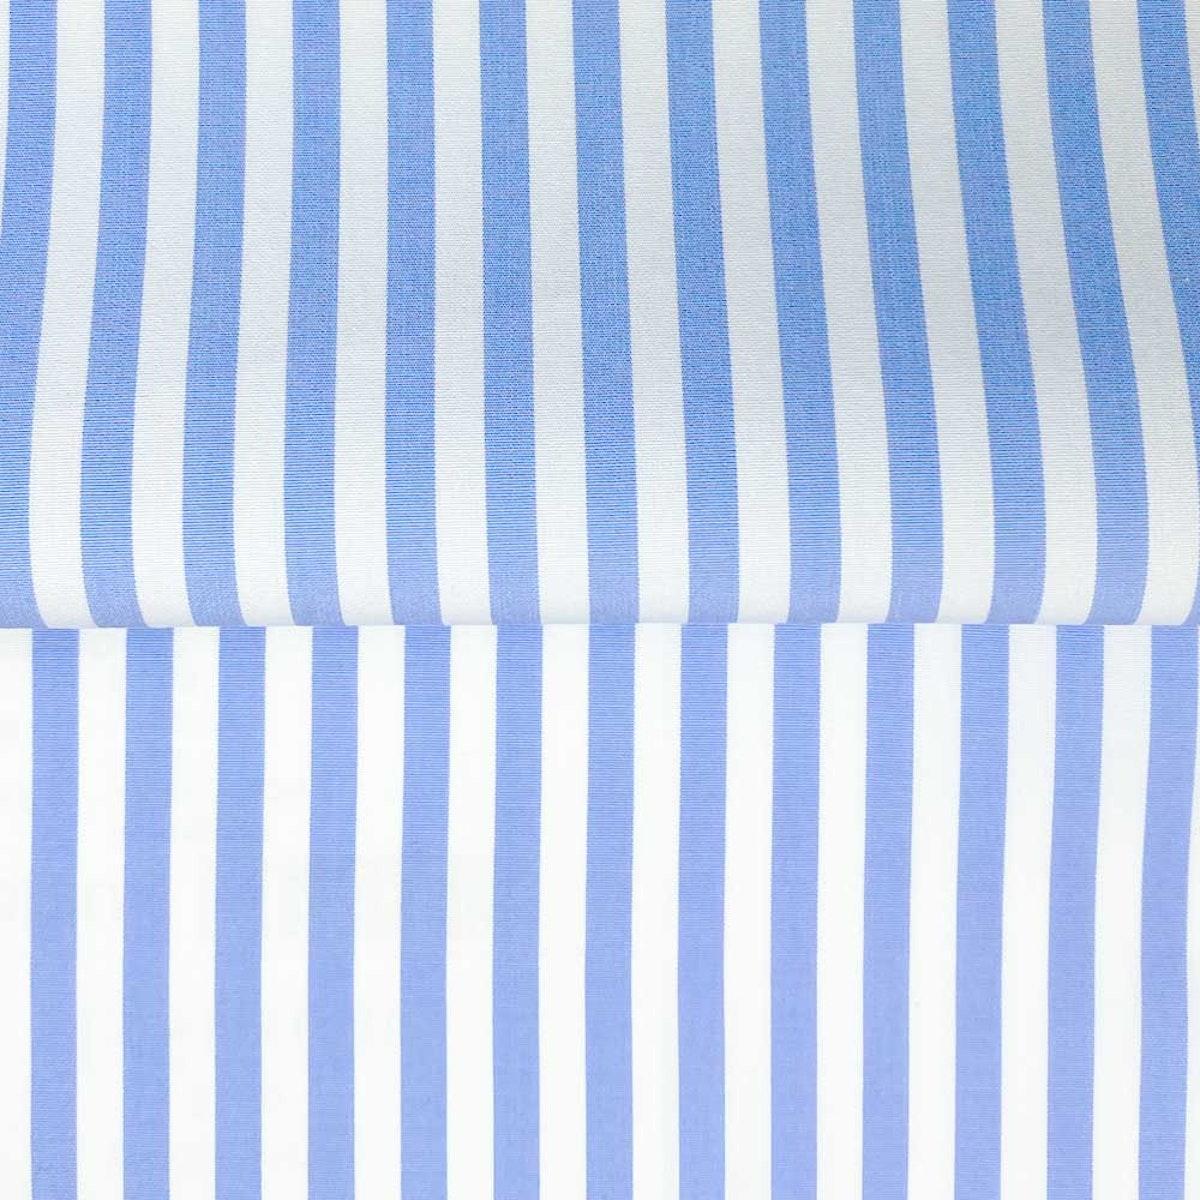 InStitchu Shirt Fabric 116